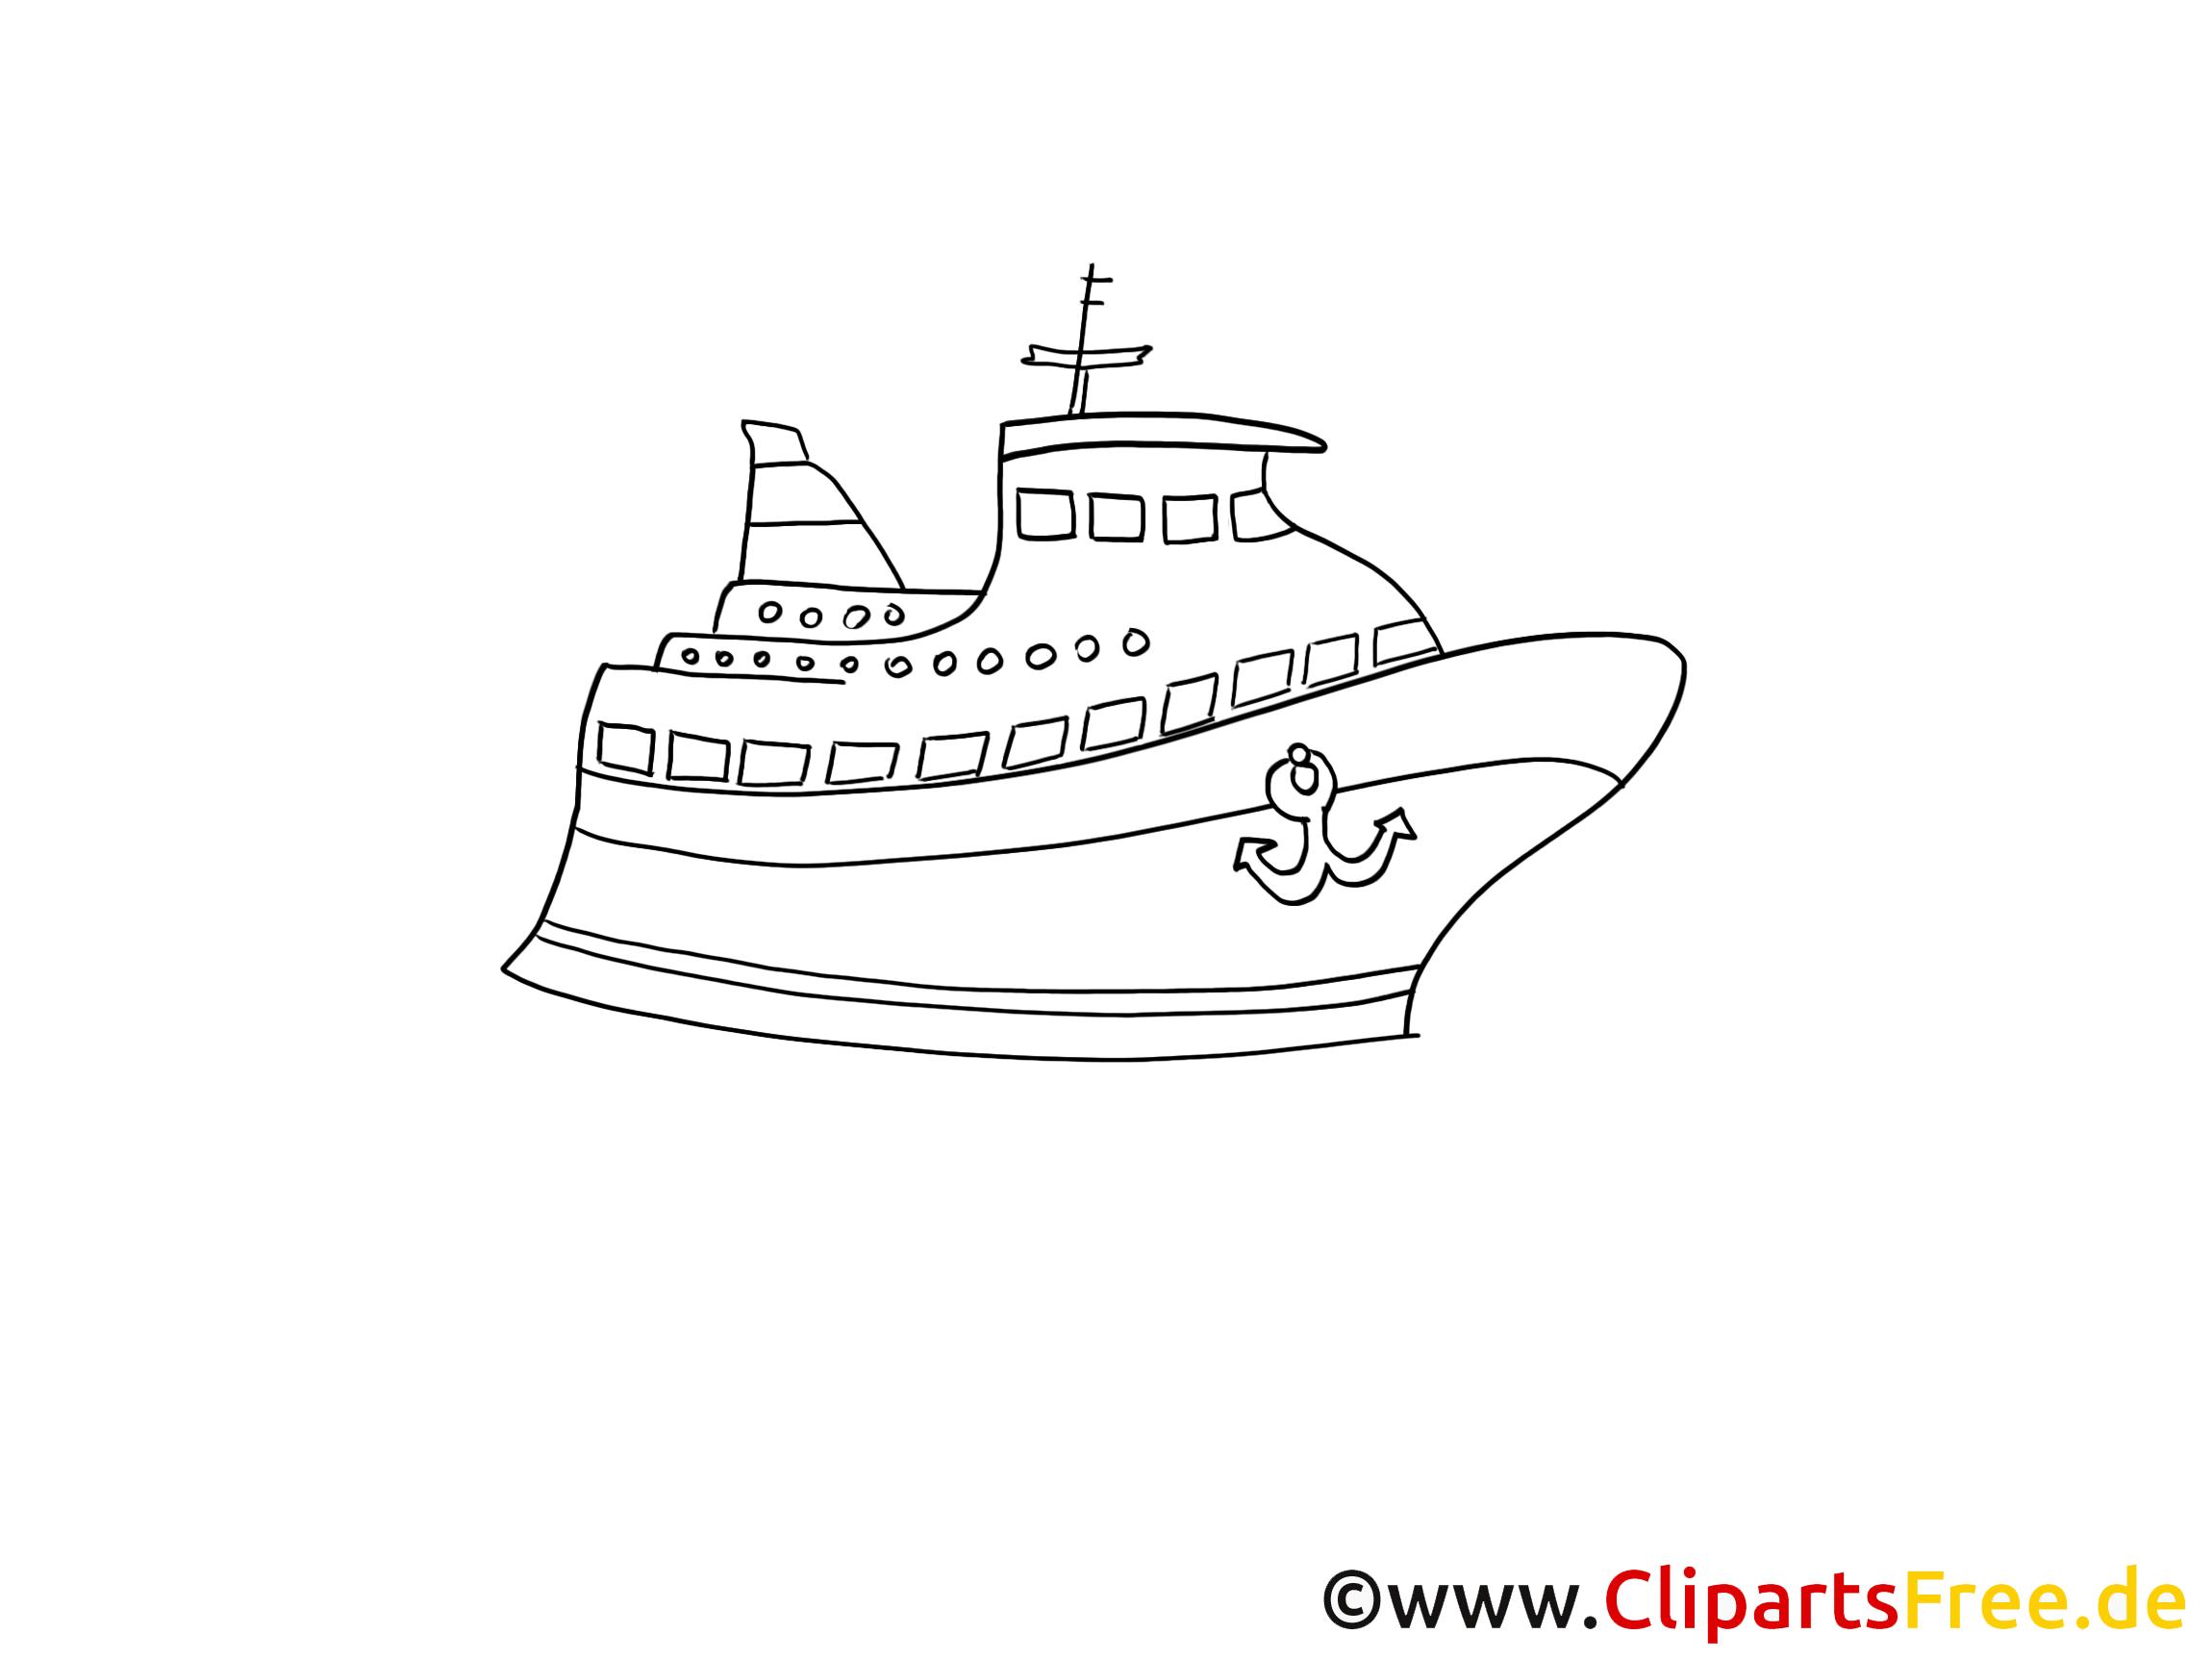 Cruise Liner Zeichnung, Grafik schwarz-weiss, Clipart, Bild